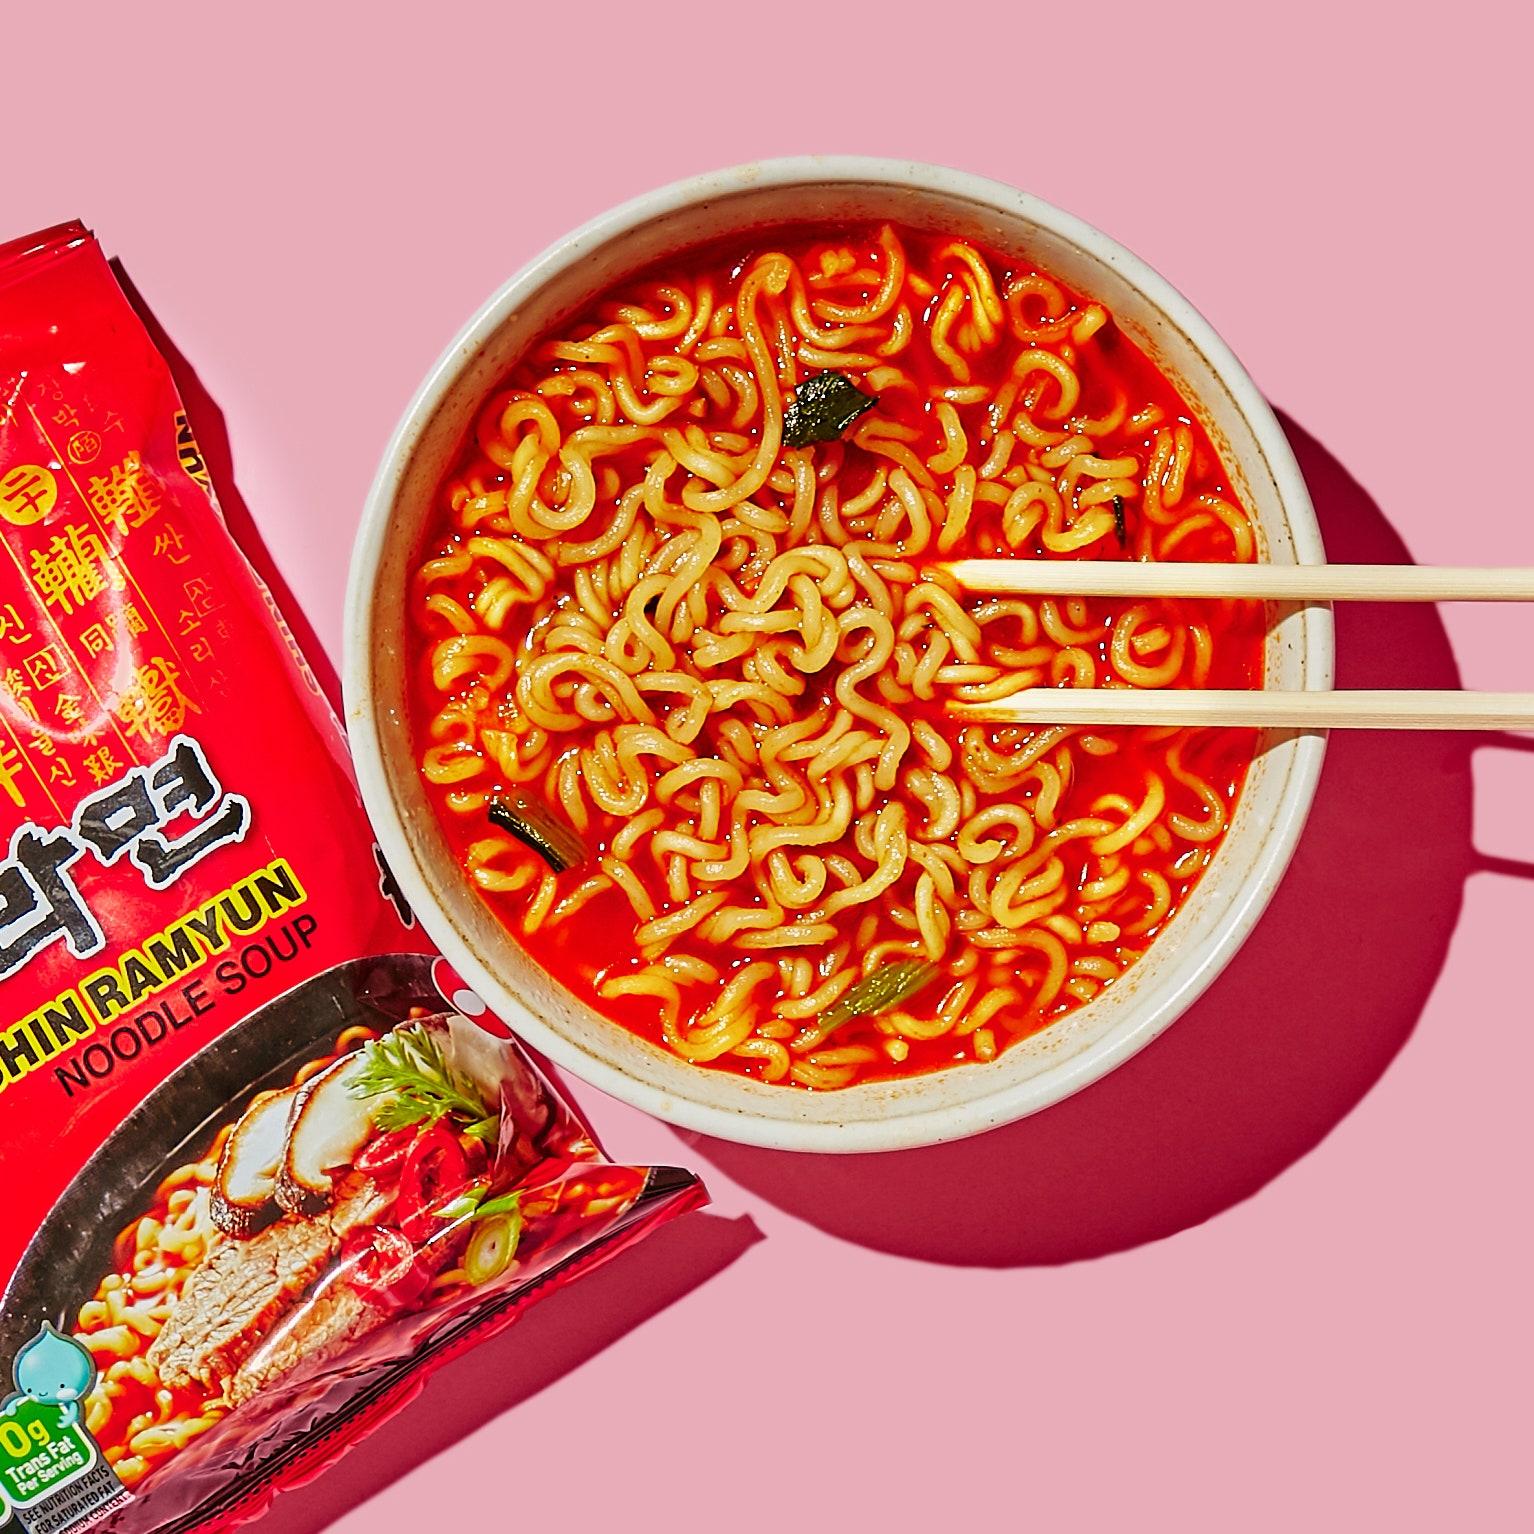 NongShim Shin Ramyun Noodle Soup Gourmet Spicy 120g Korean Noodles | Lazada  PH